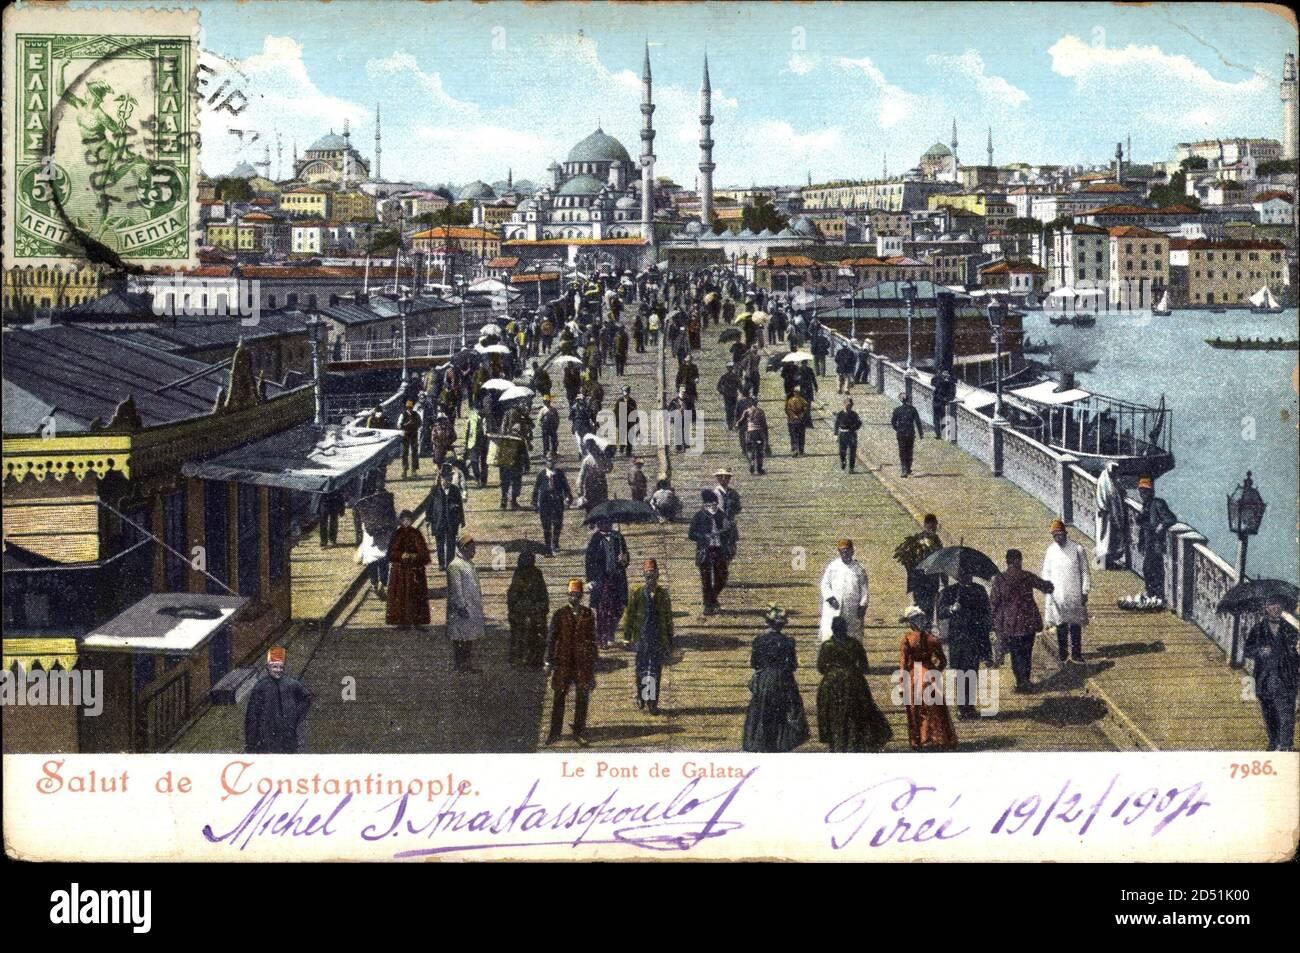 Constantinopel Istanbul Türkei, vue du Pont de Galata   utilisation dans le monde entier Banque D'Images